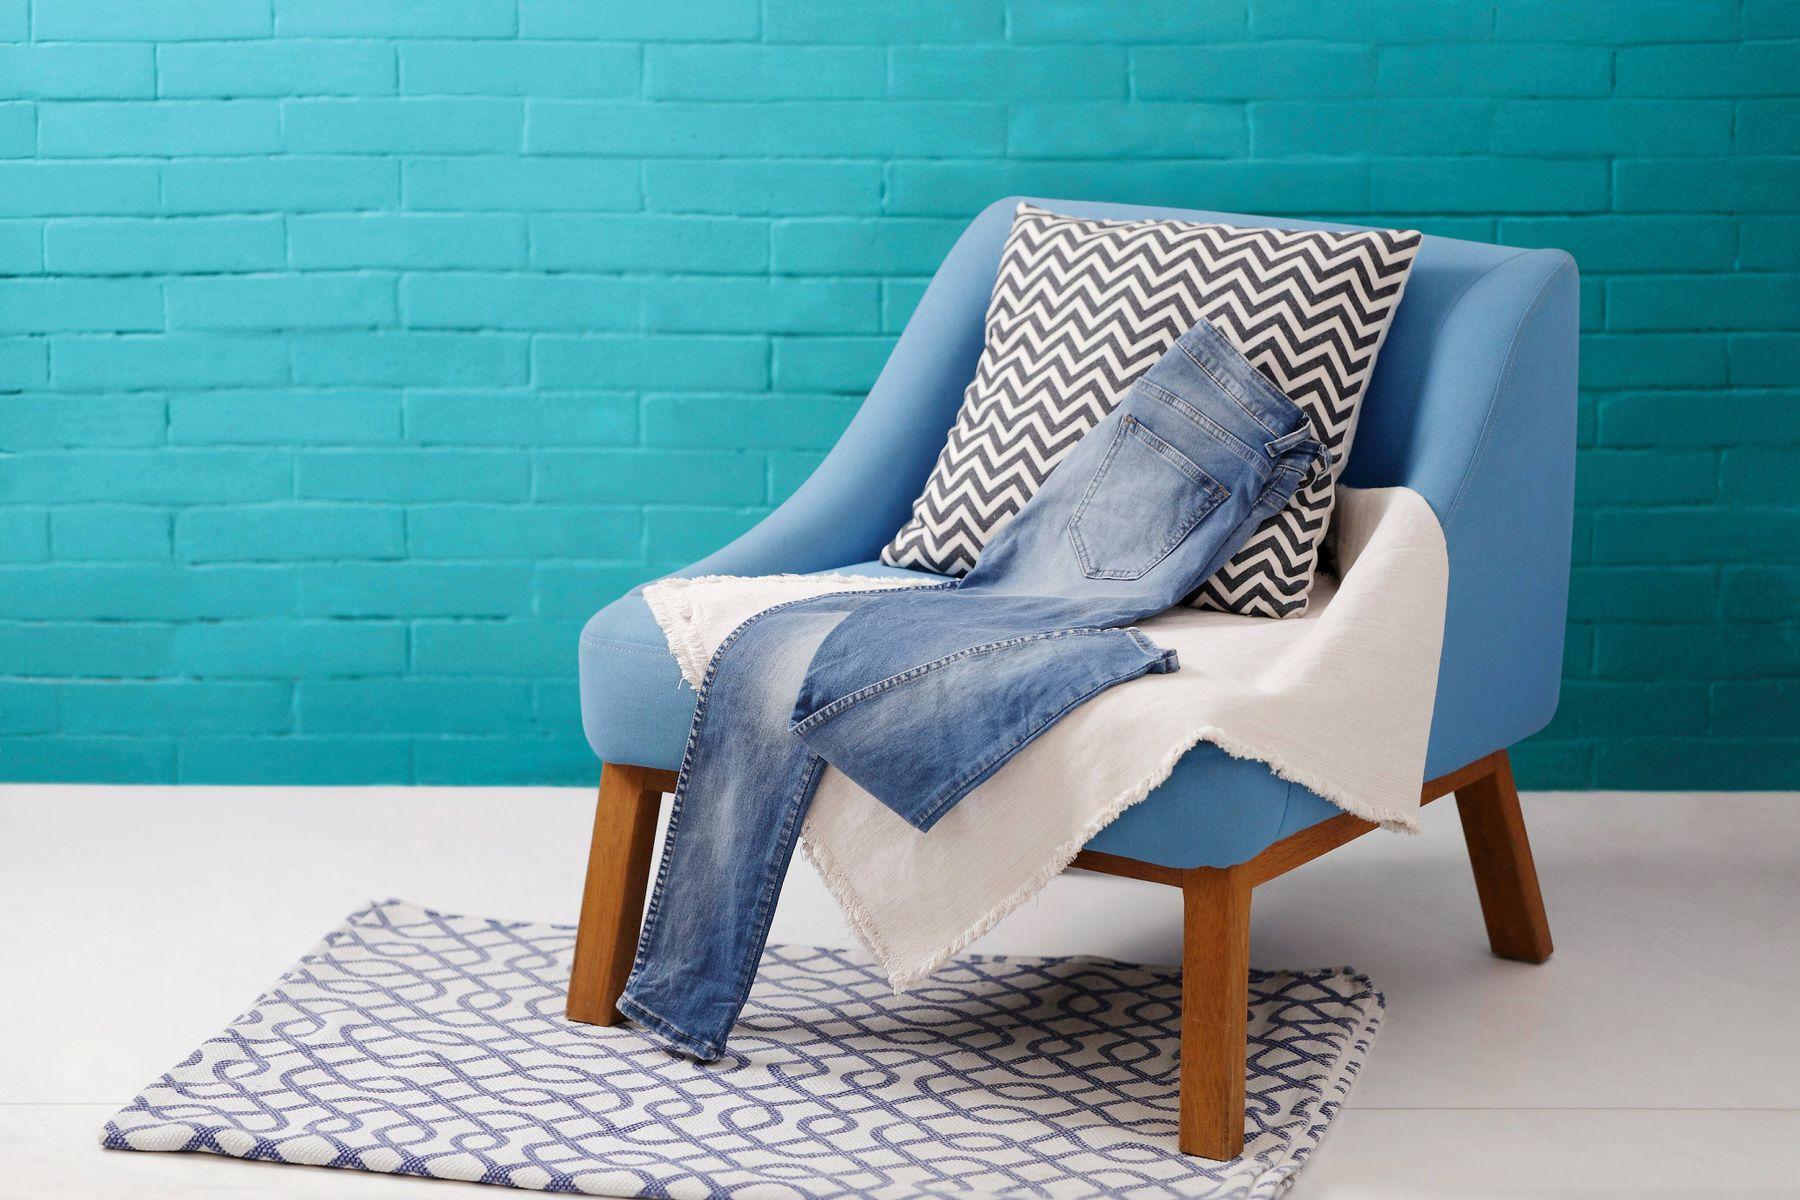 calça jeans sobre poltrona azul com almofada preta e branca e chão branco e parede azul